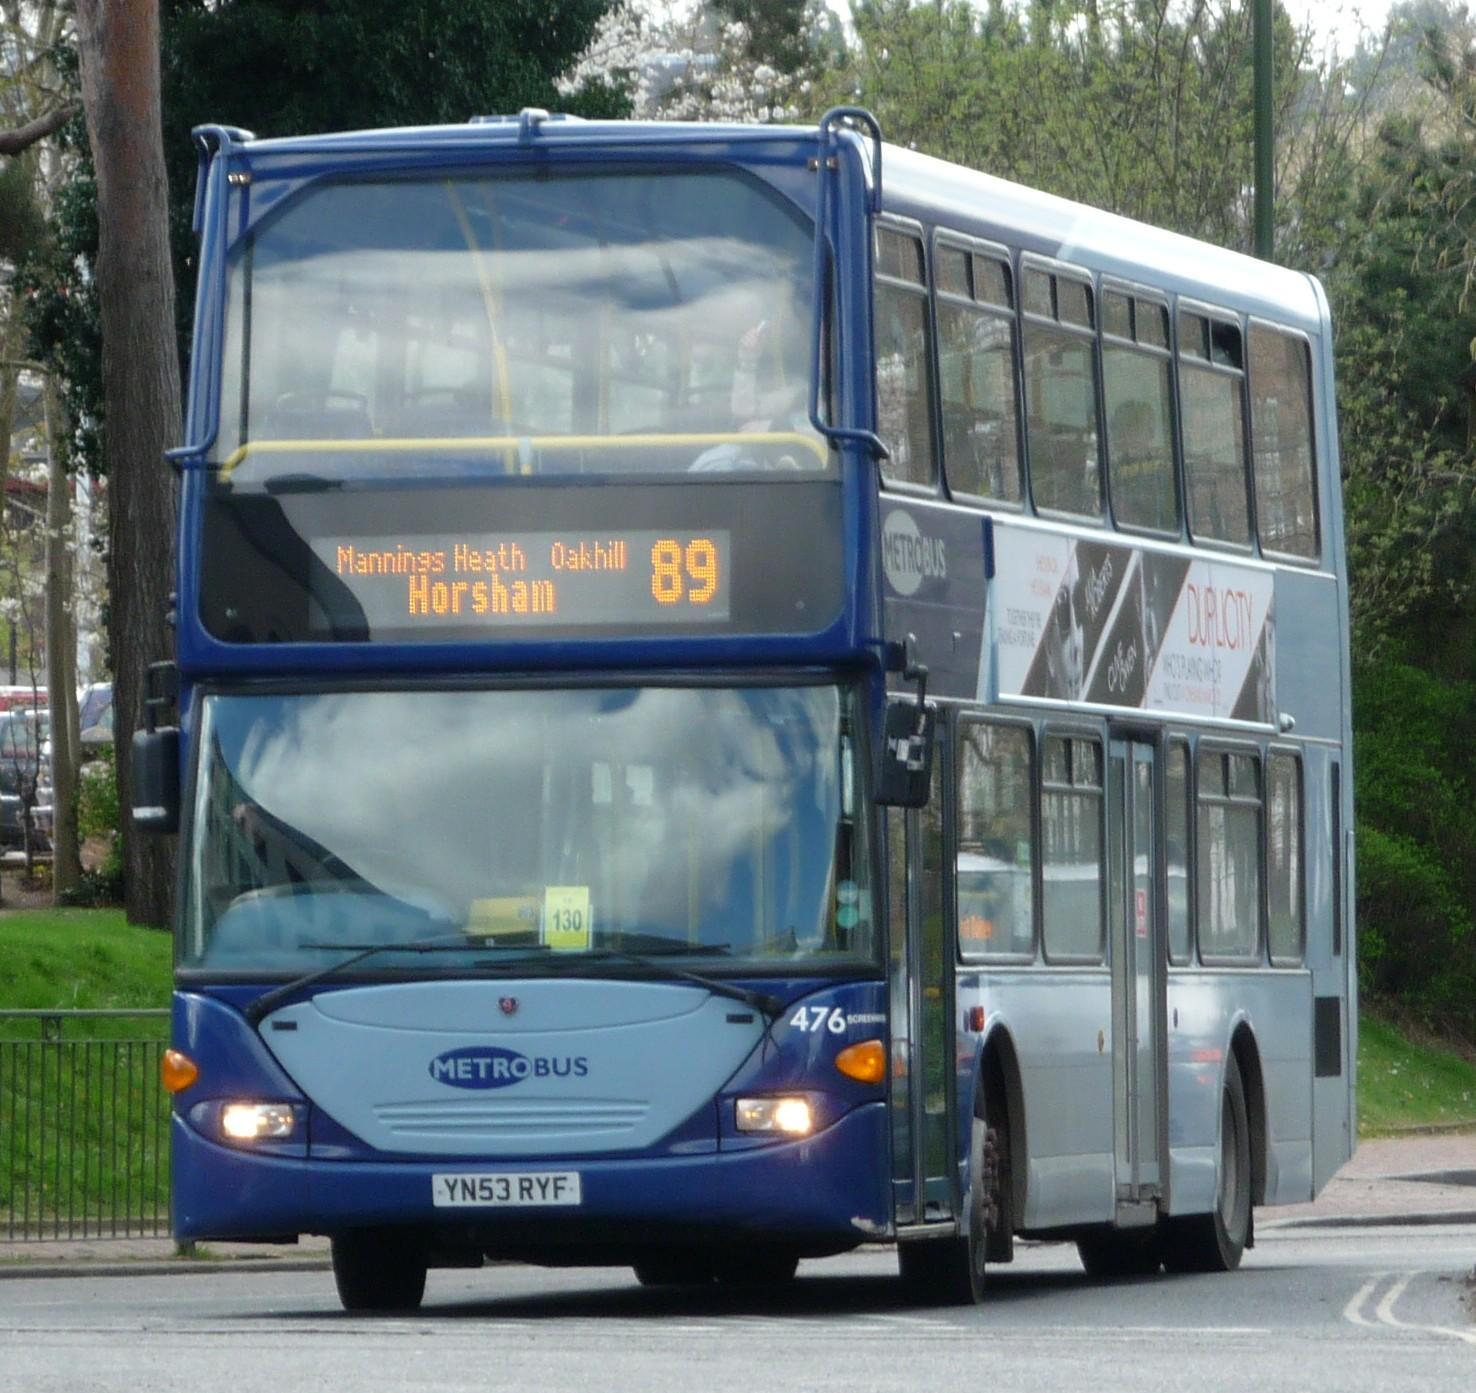 Accord tour - bus tours